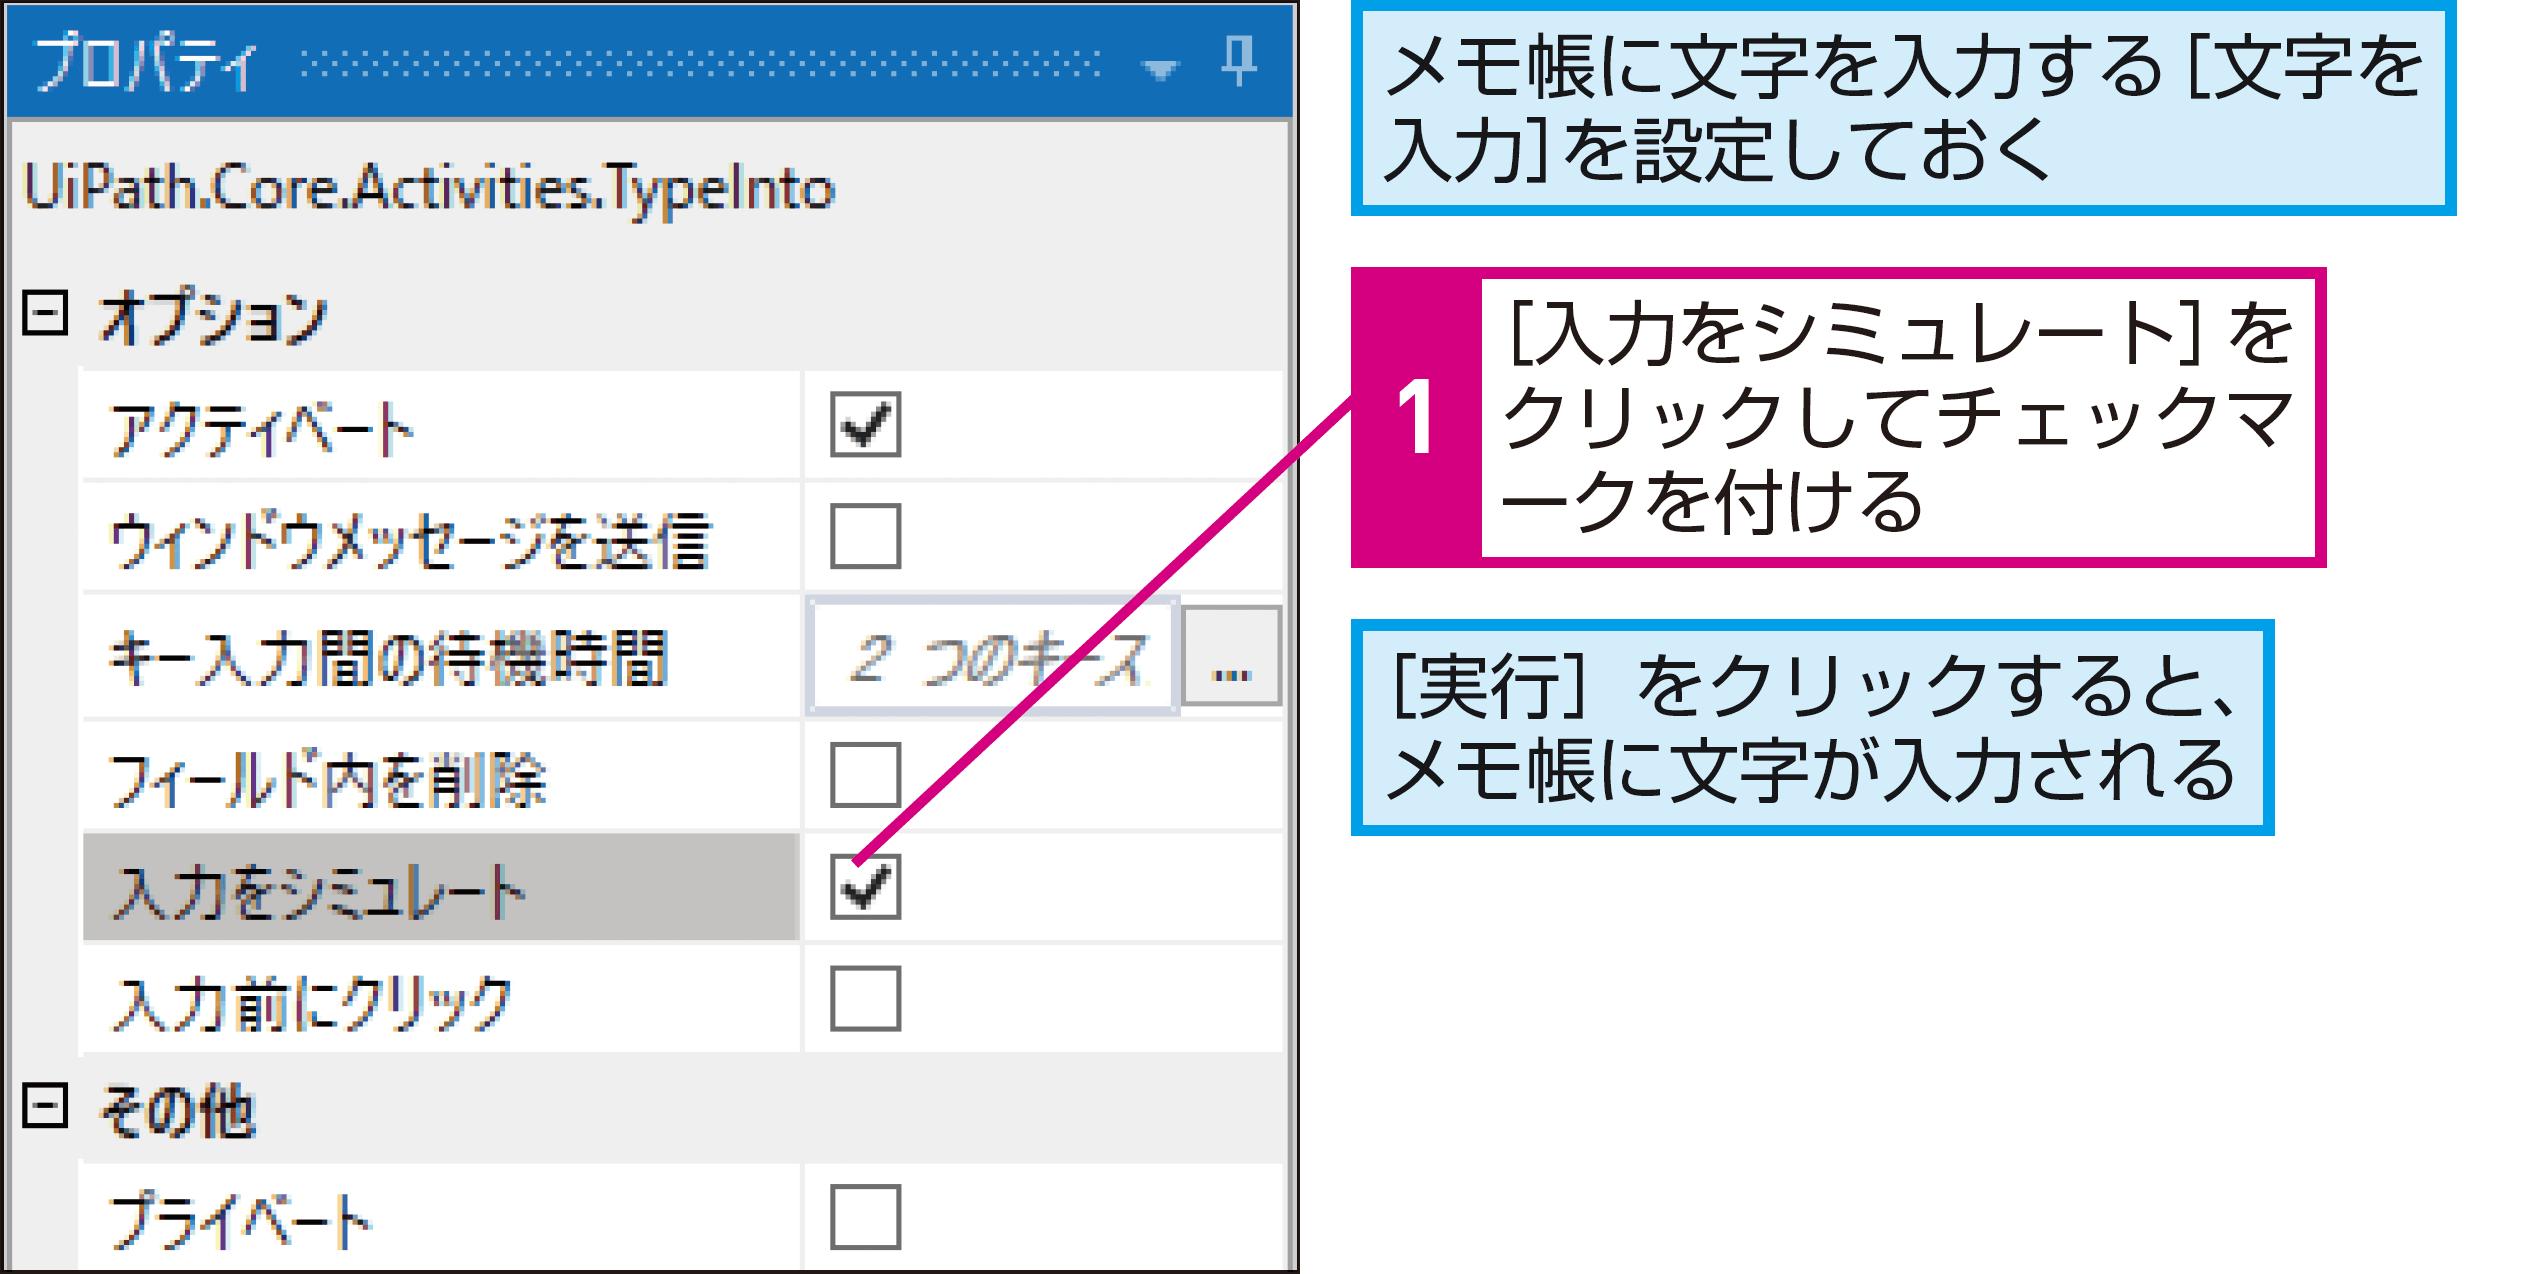 思い通りに文字が入力できないときは(文字入力のオプション設定) - できるUiPath